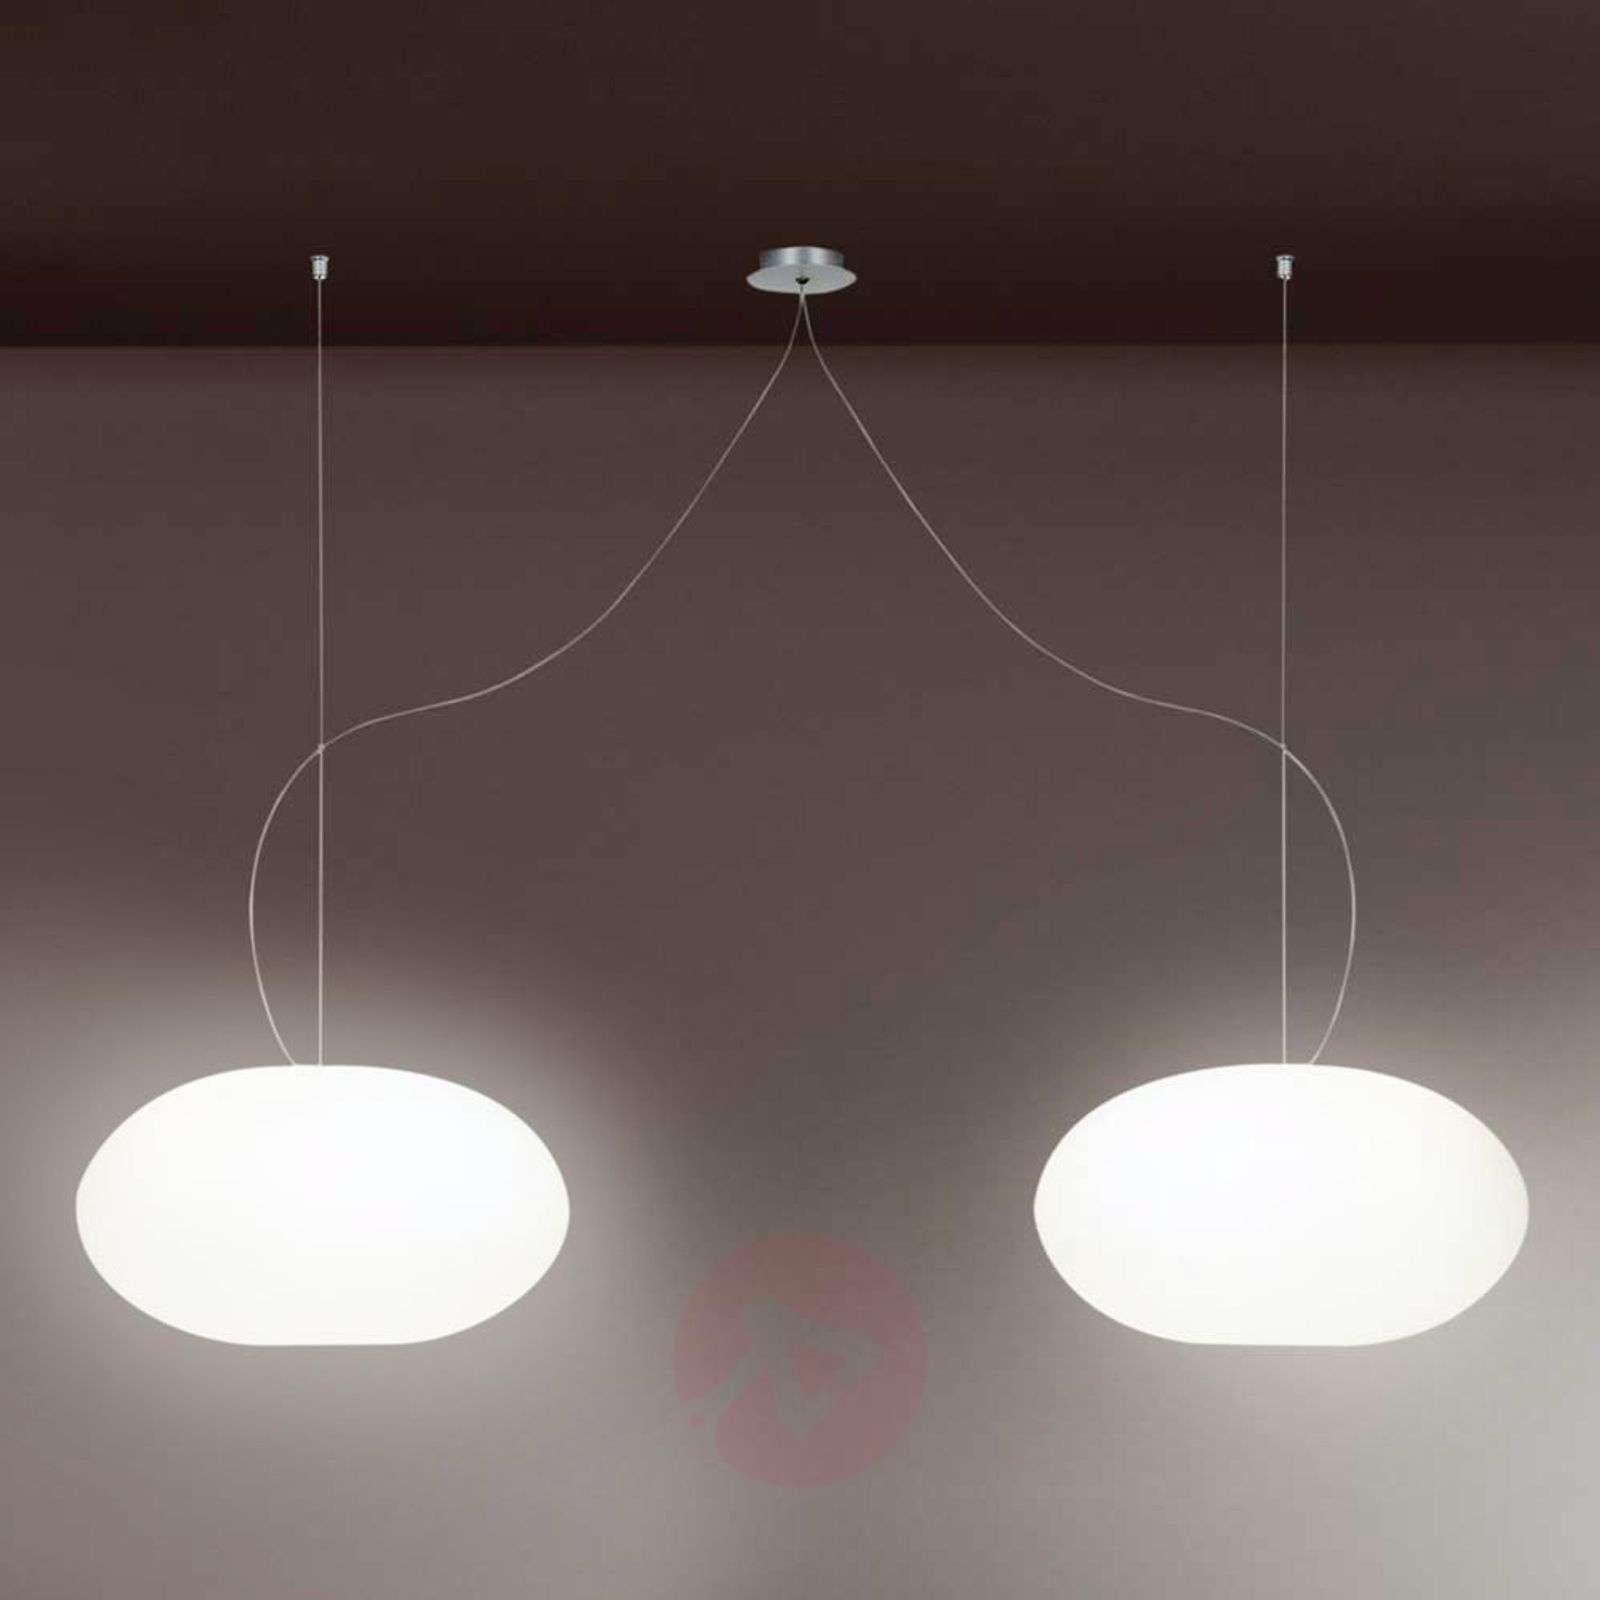 Design-riippuvalaisin AIH 28 cm kiiltävänvalkoinen-2000247-01